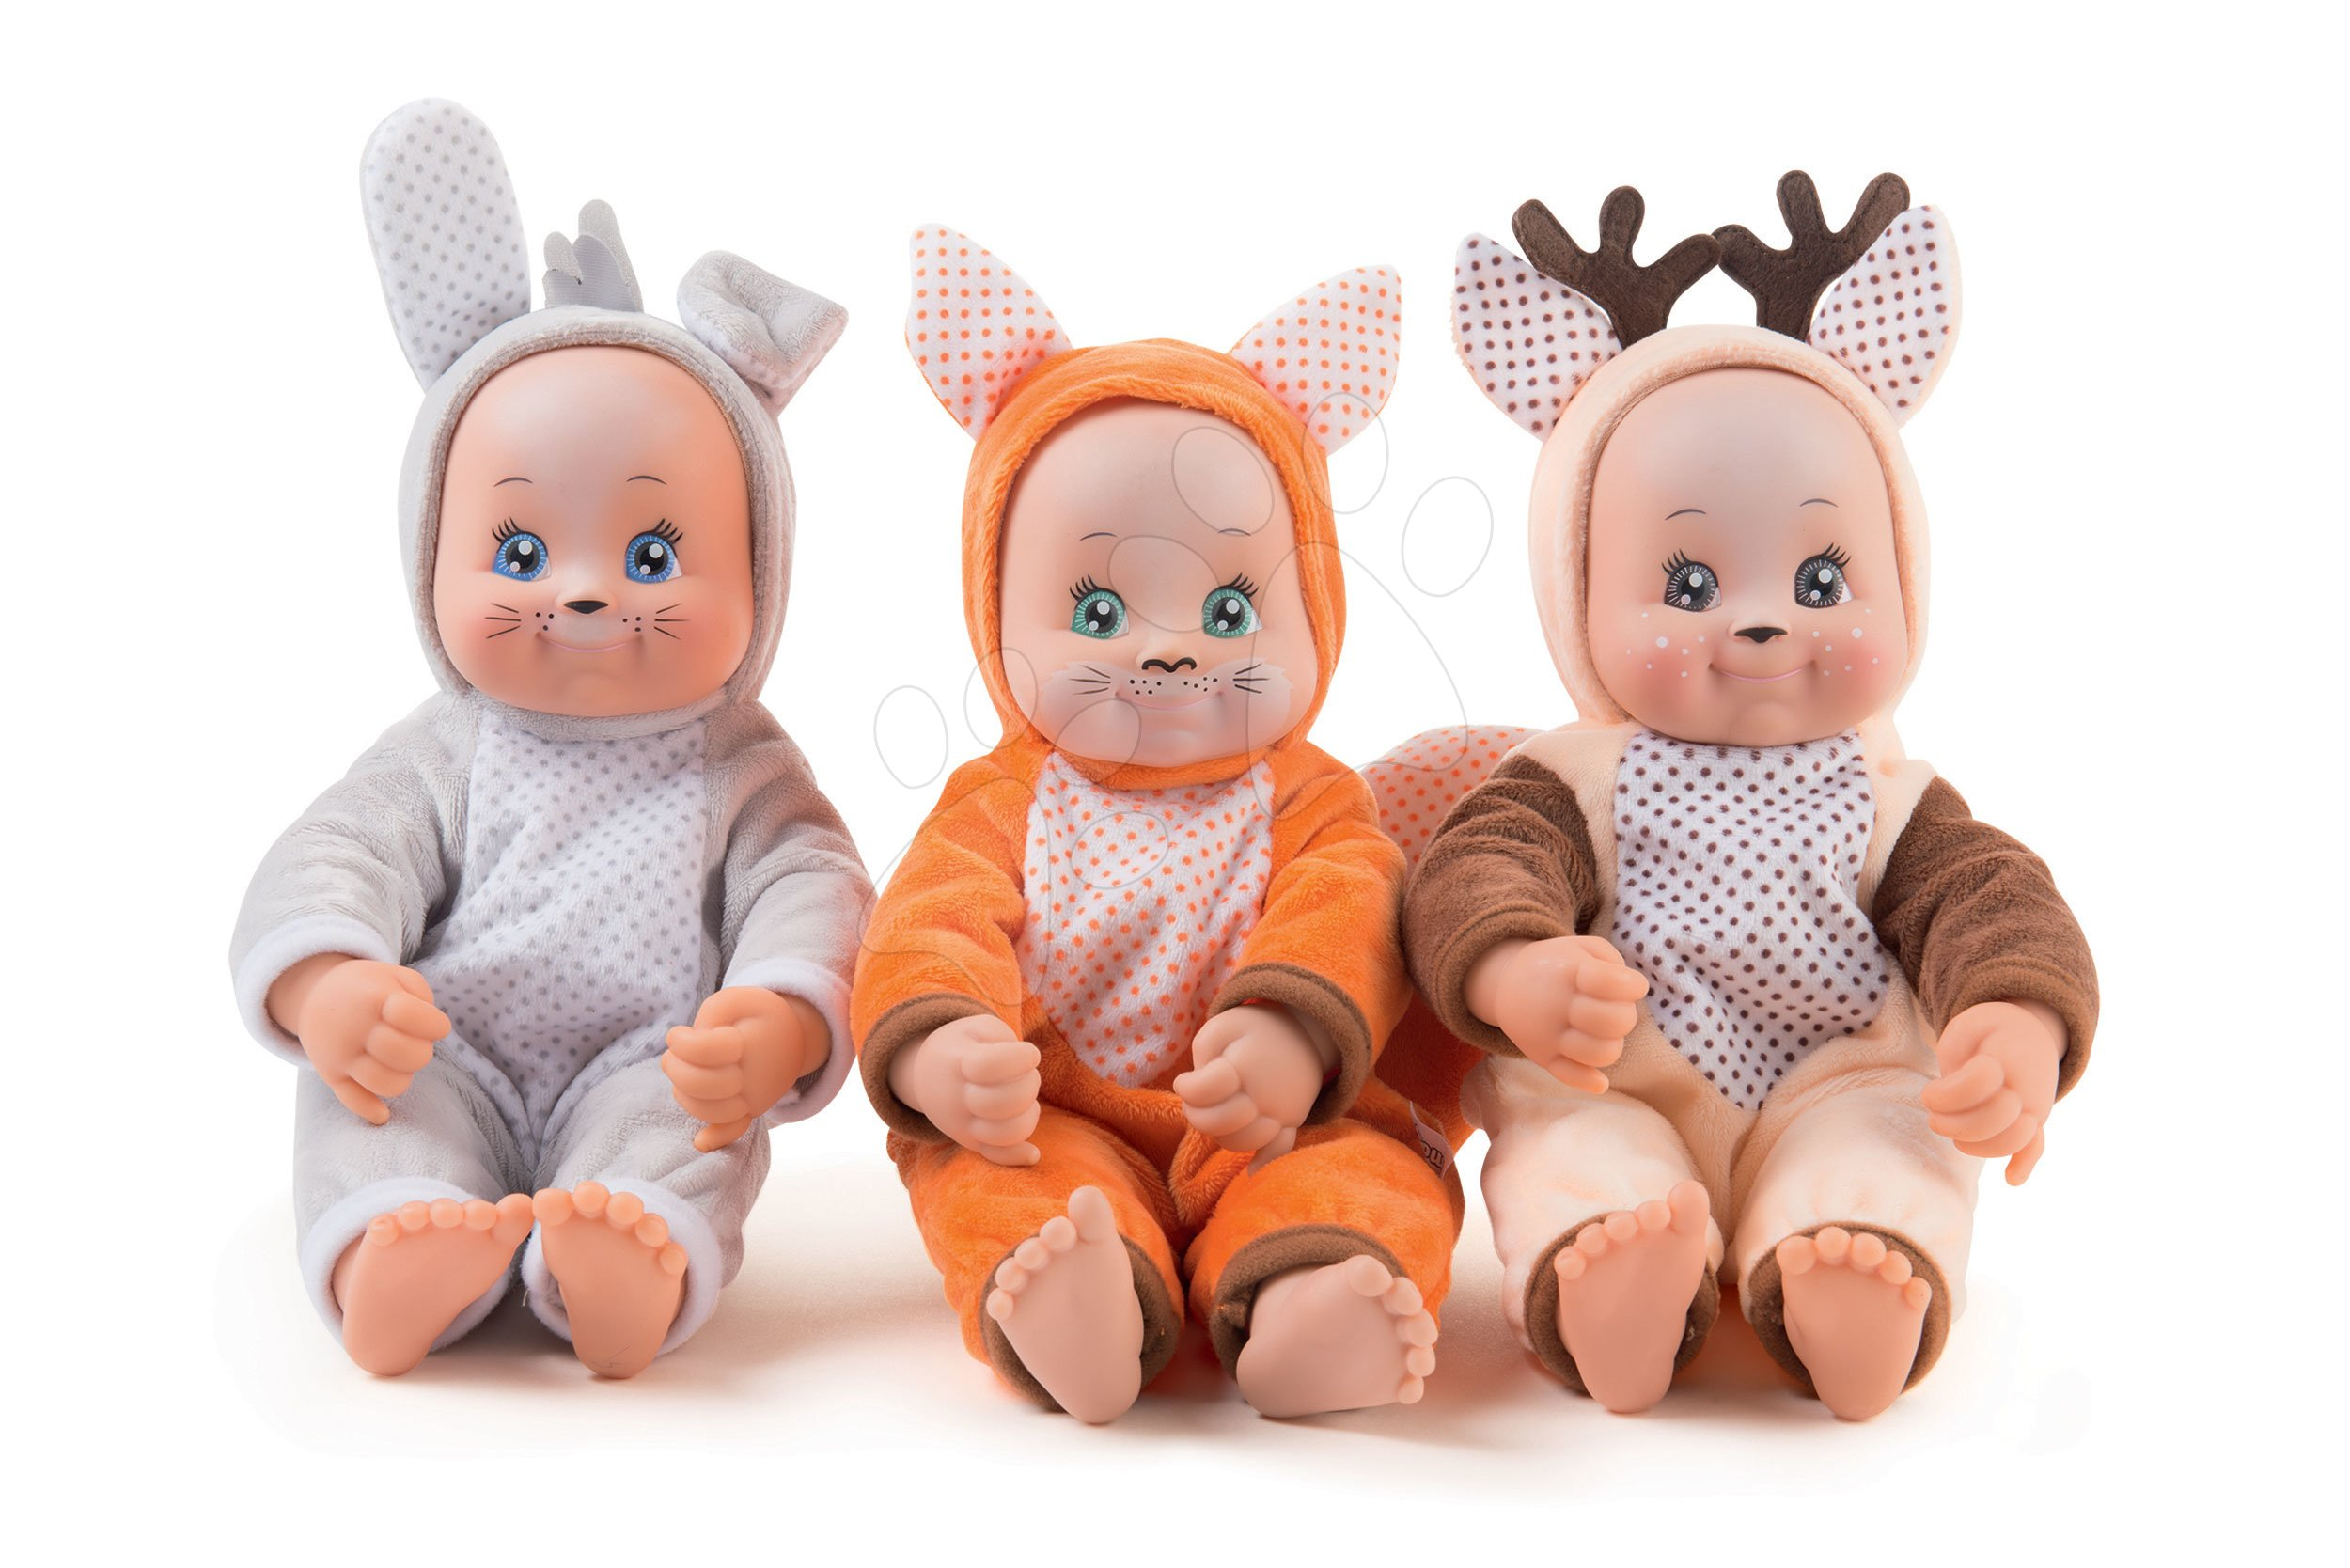 Bábika v kostýme zvieratká Animal Doll Minikiss Smoby 27 cm so zvukom, 3 druhy Líška, Zajac, Srnček od 12 mes